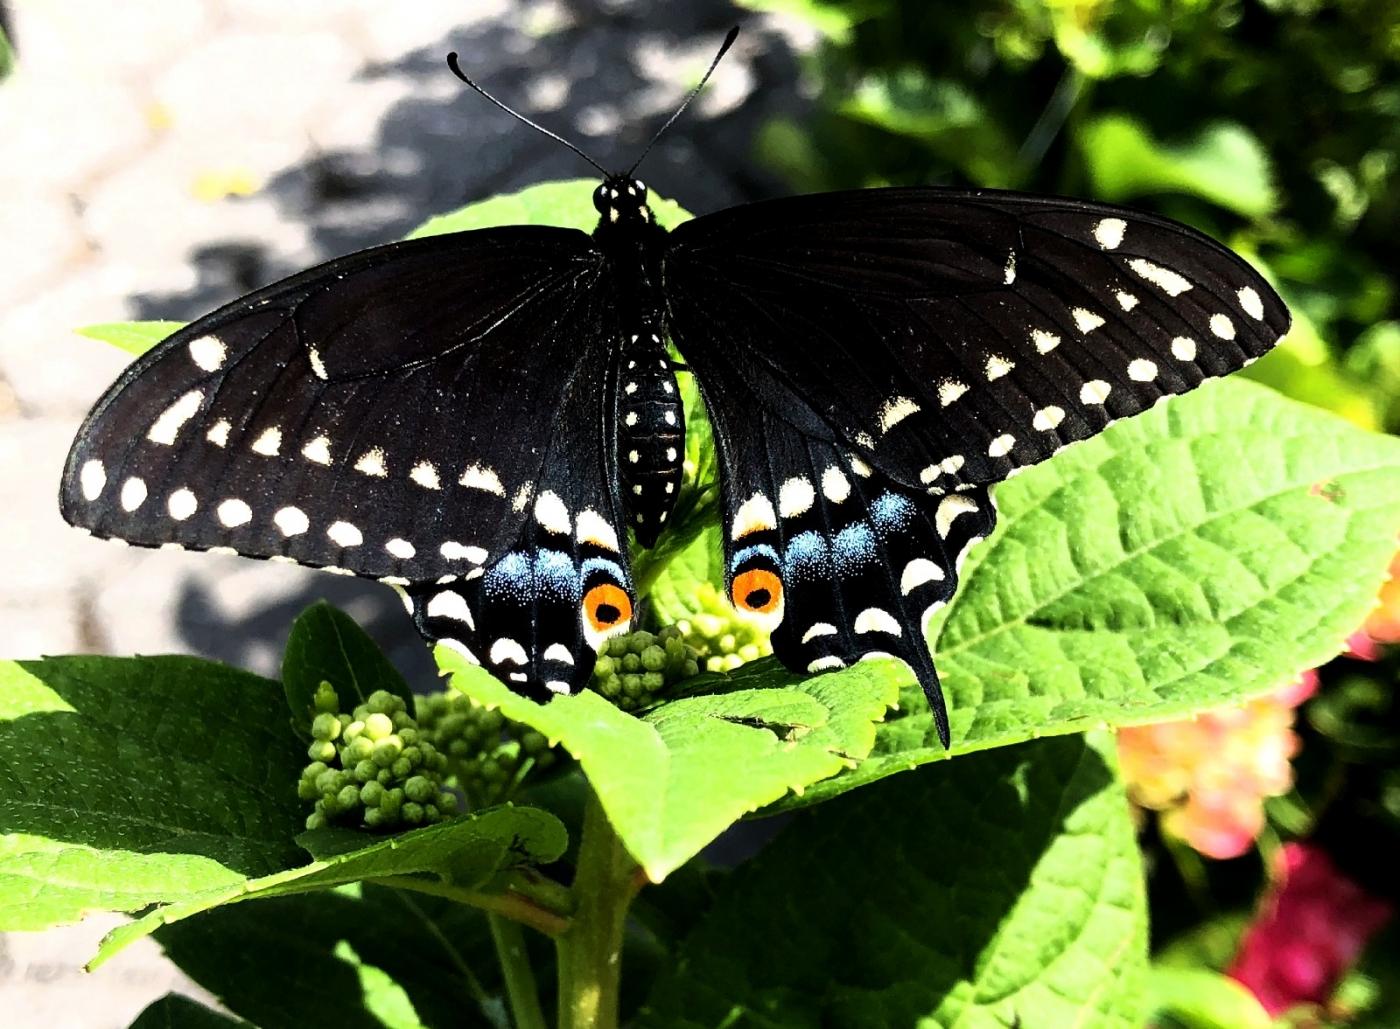 【田螺随拍】我种了马鞭草蝴蝶就来了_图1-3